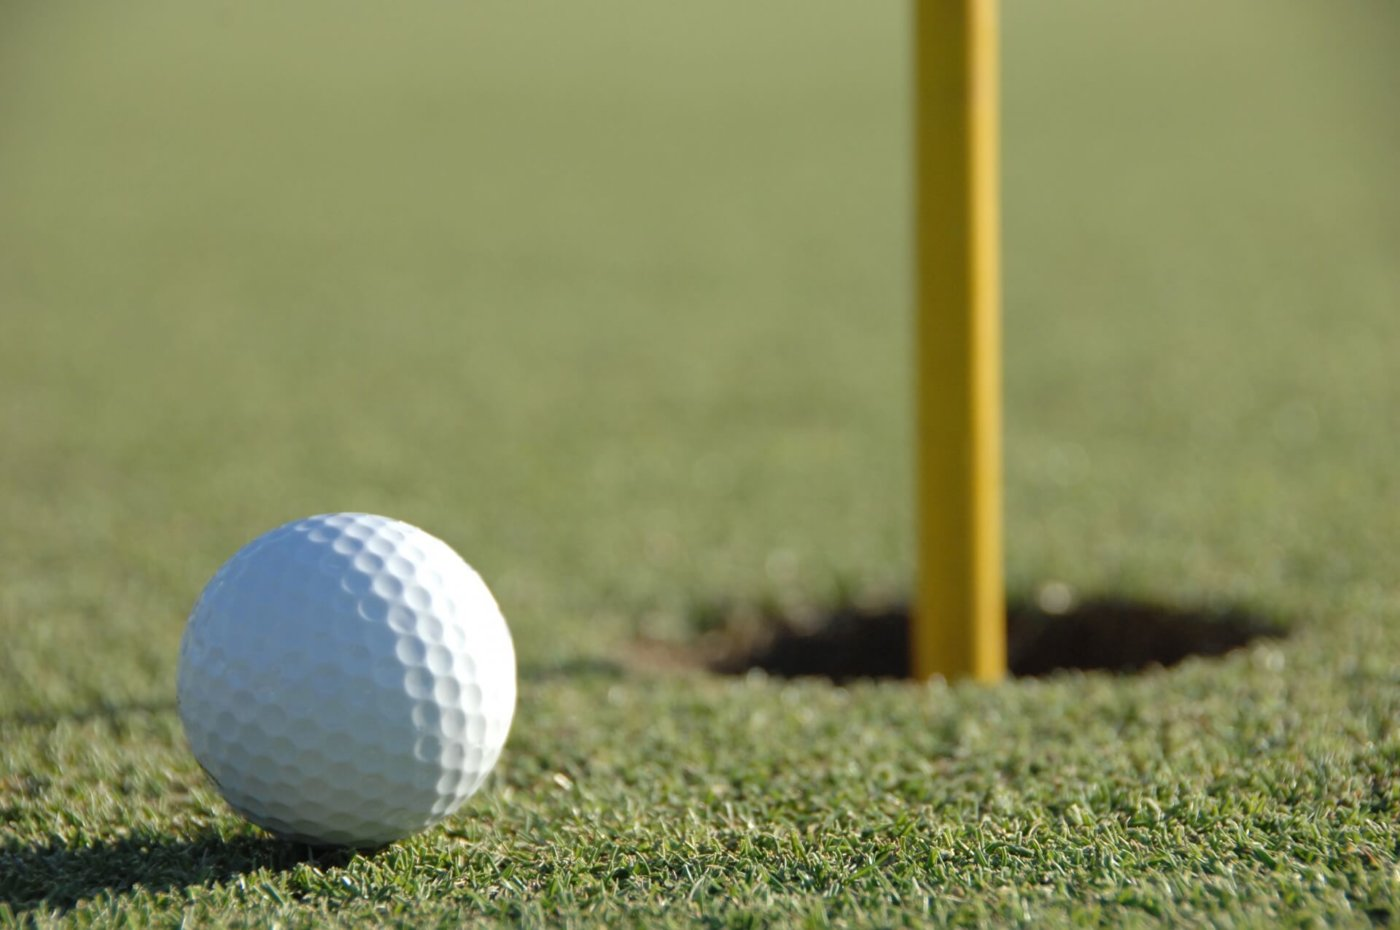 ゴルフにおすすめの靴下